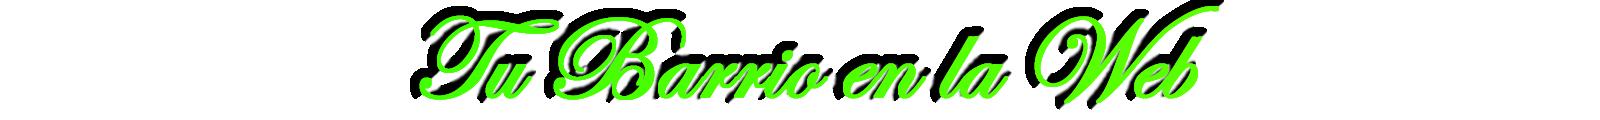 tubarrioenlaweb.com.ar